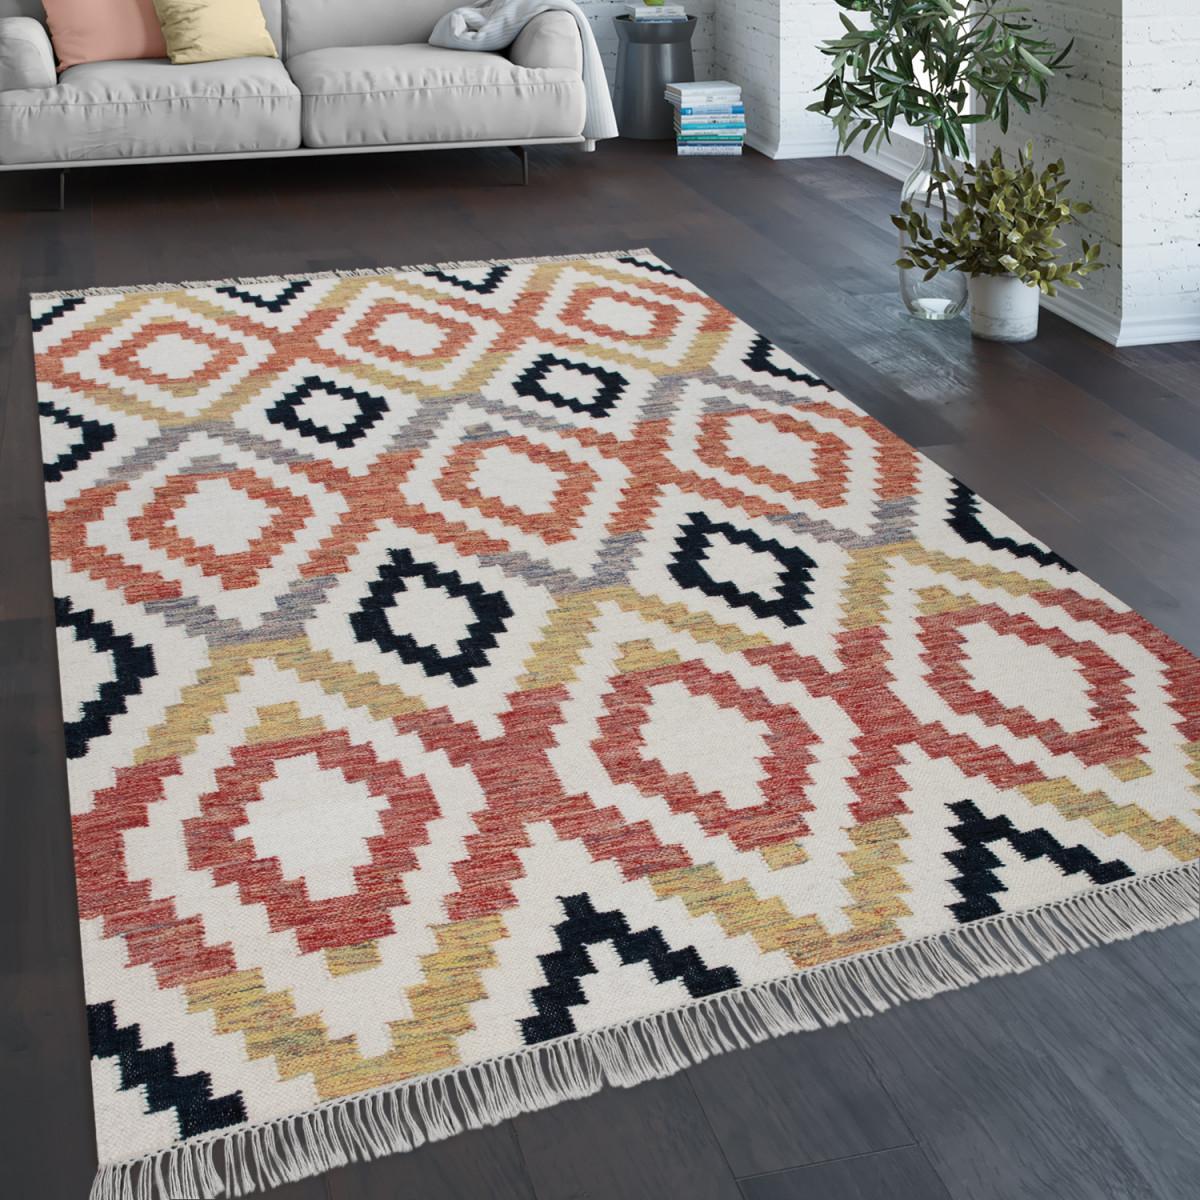 Teppich Wohnzimmer Boho Fransen Handgewebt Wolle Baumwolle Rot Schwarz Gelb  Creme von Teppich Wohnzimmer Wolle Photo